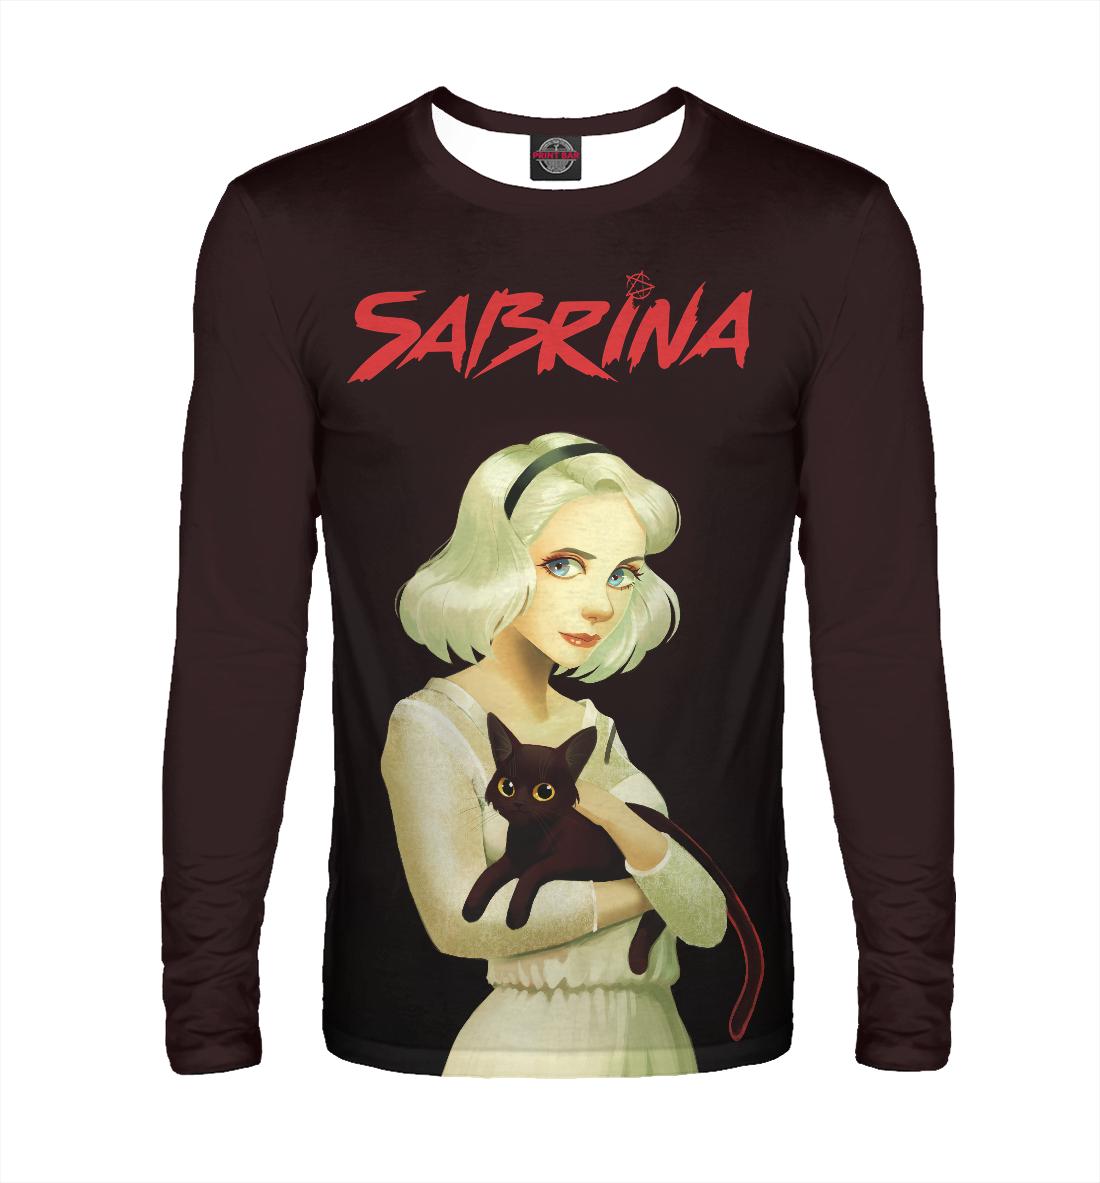 Купить Сабрина, Printbar, Лонгсливы, SOT-728901-lon-2